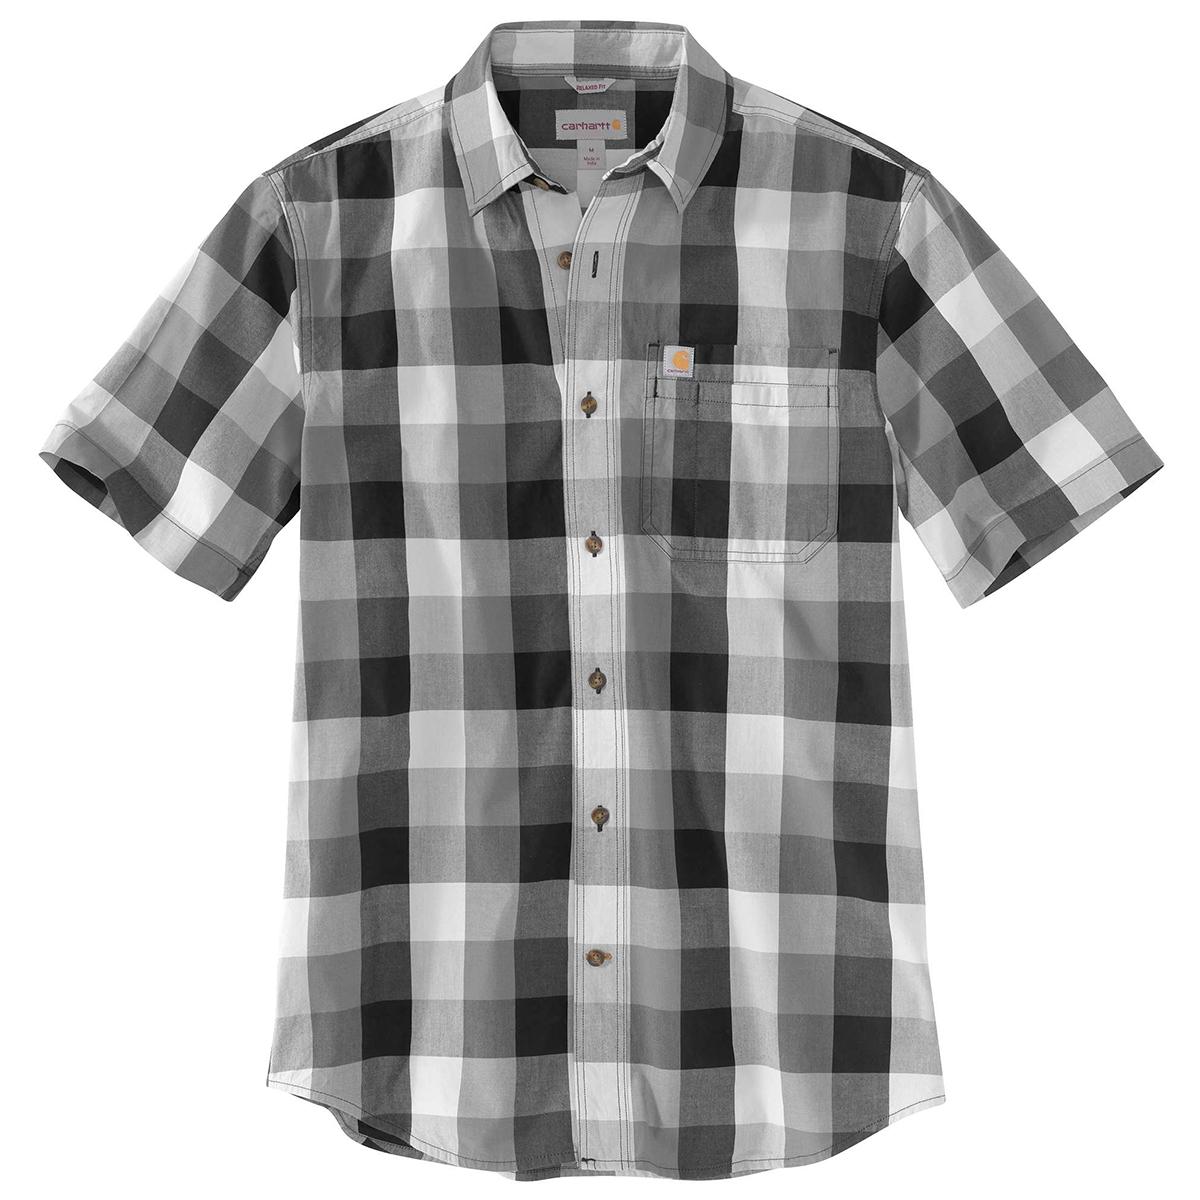 Carhartt Men's Essential Plaid Open Collar Short-Sleeve Shirt - Black, XXL